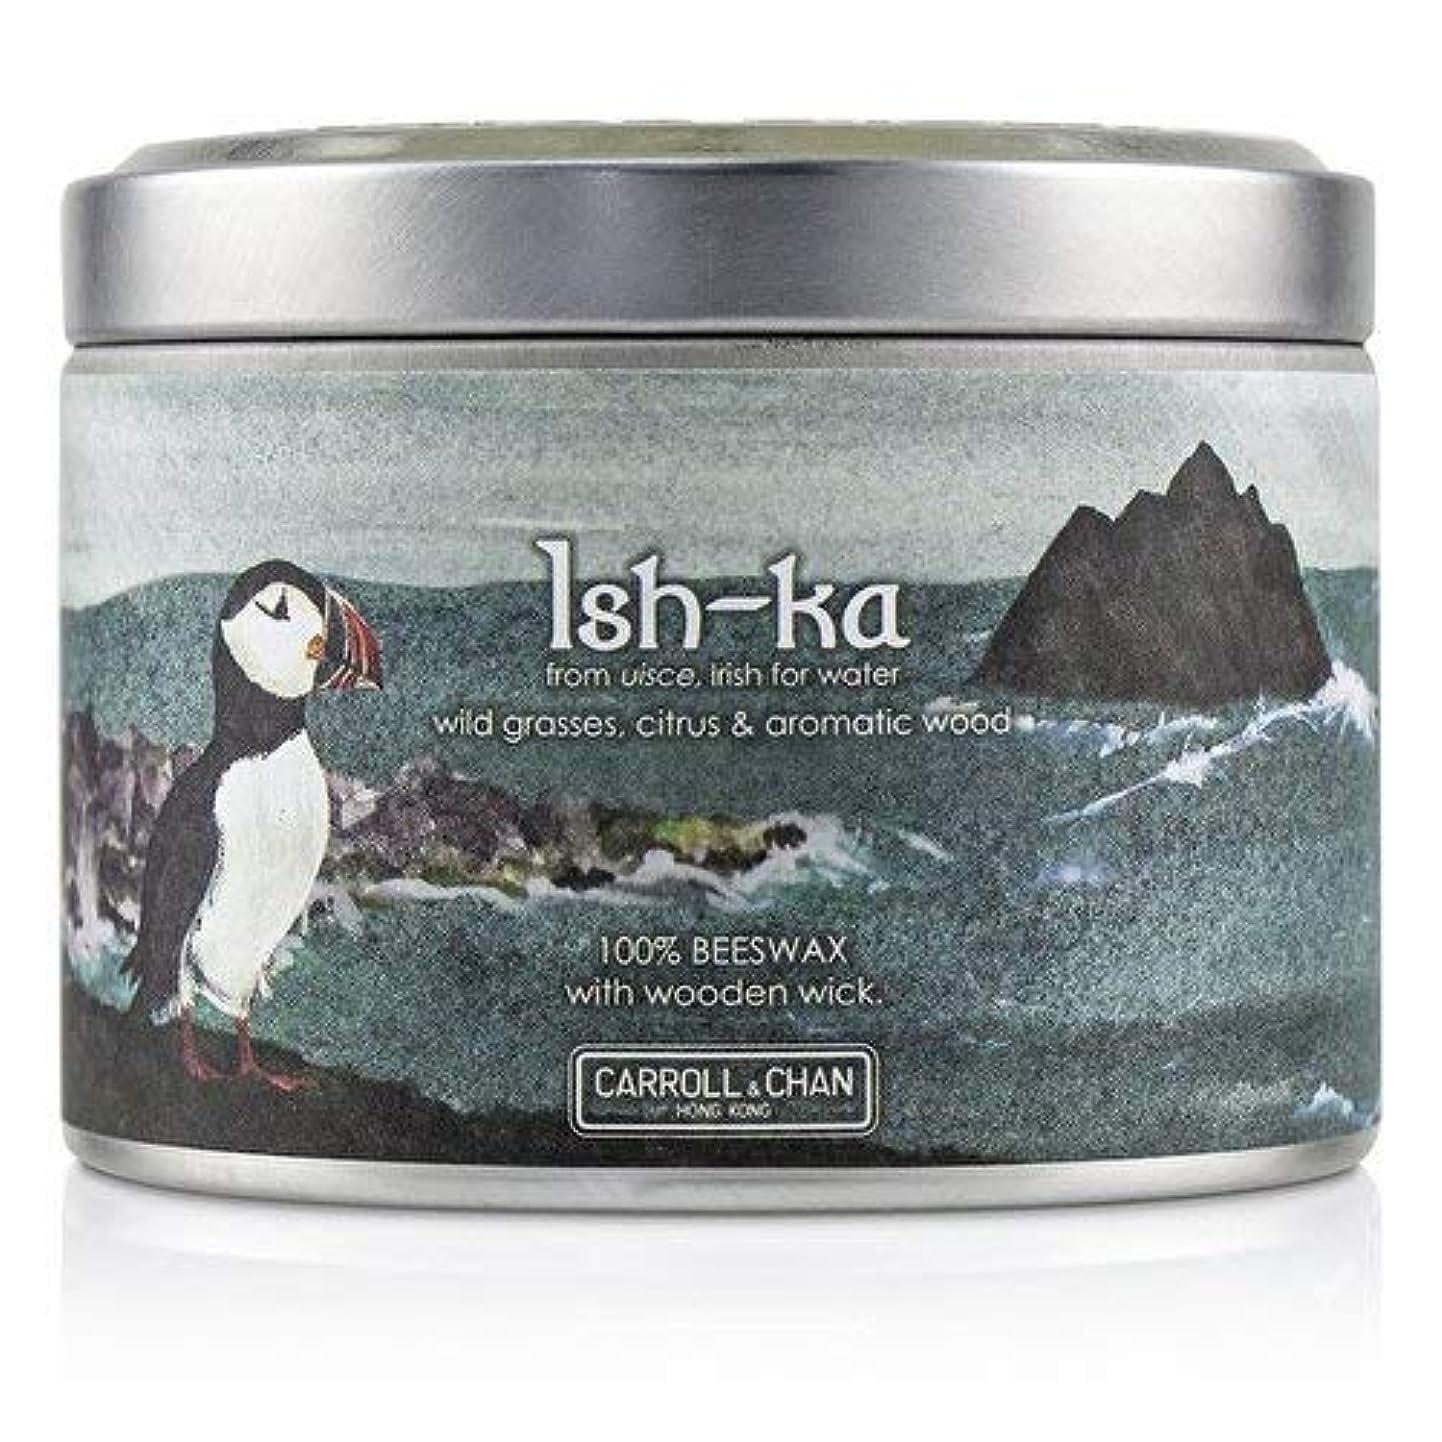 クレデンシャル七時半タクシーキャンドル?カンパニー Tin Can 100% Beeswax Candle with Wooden Wick - Ish-Ka (8x5) cm並行輸入品